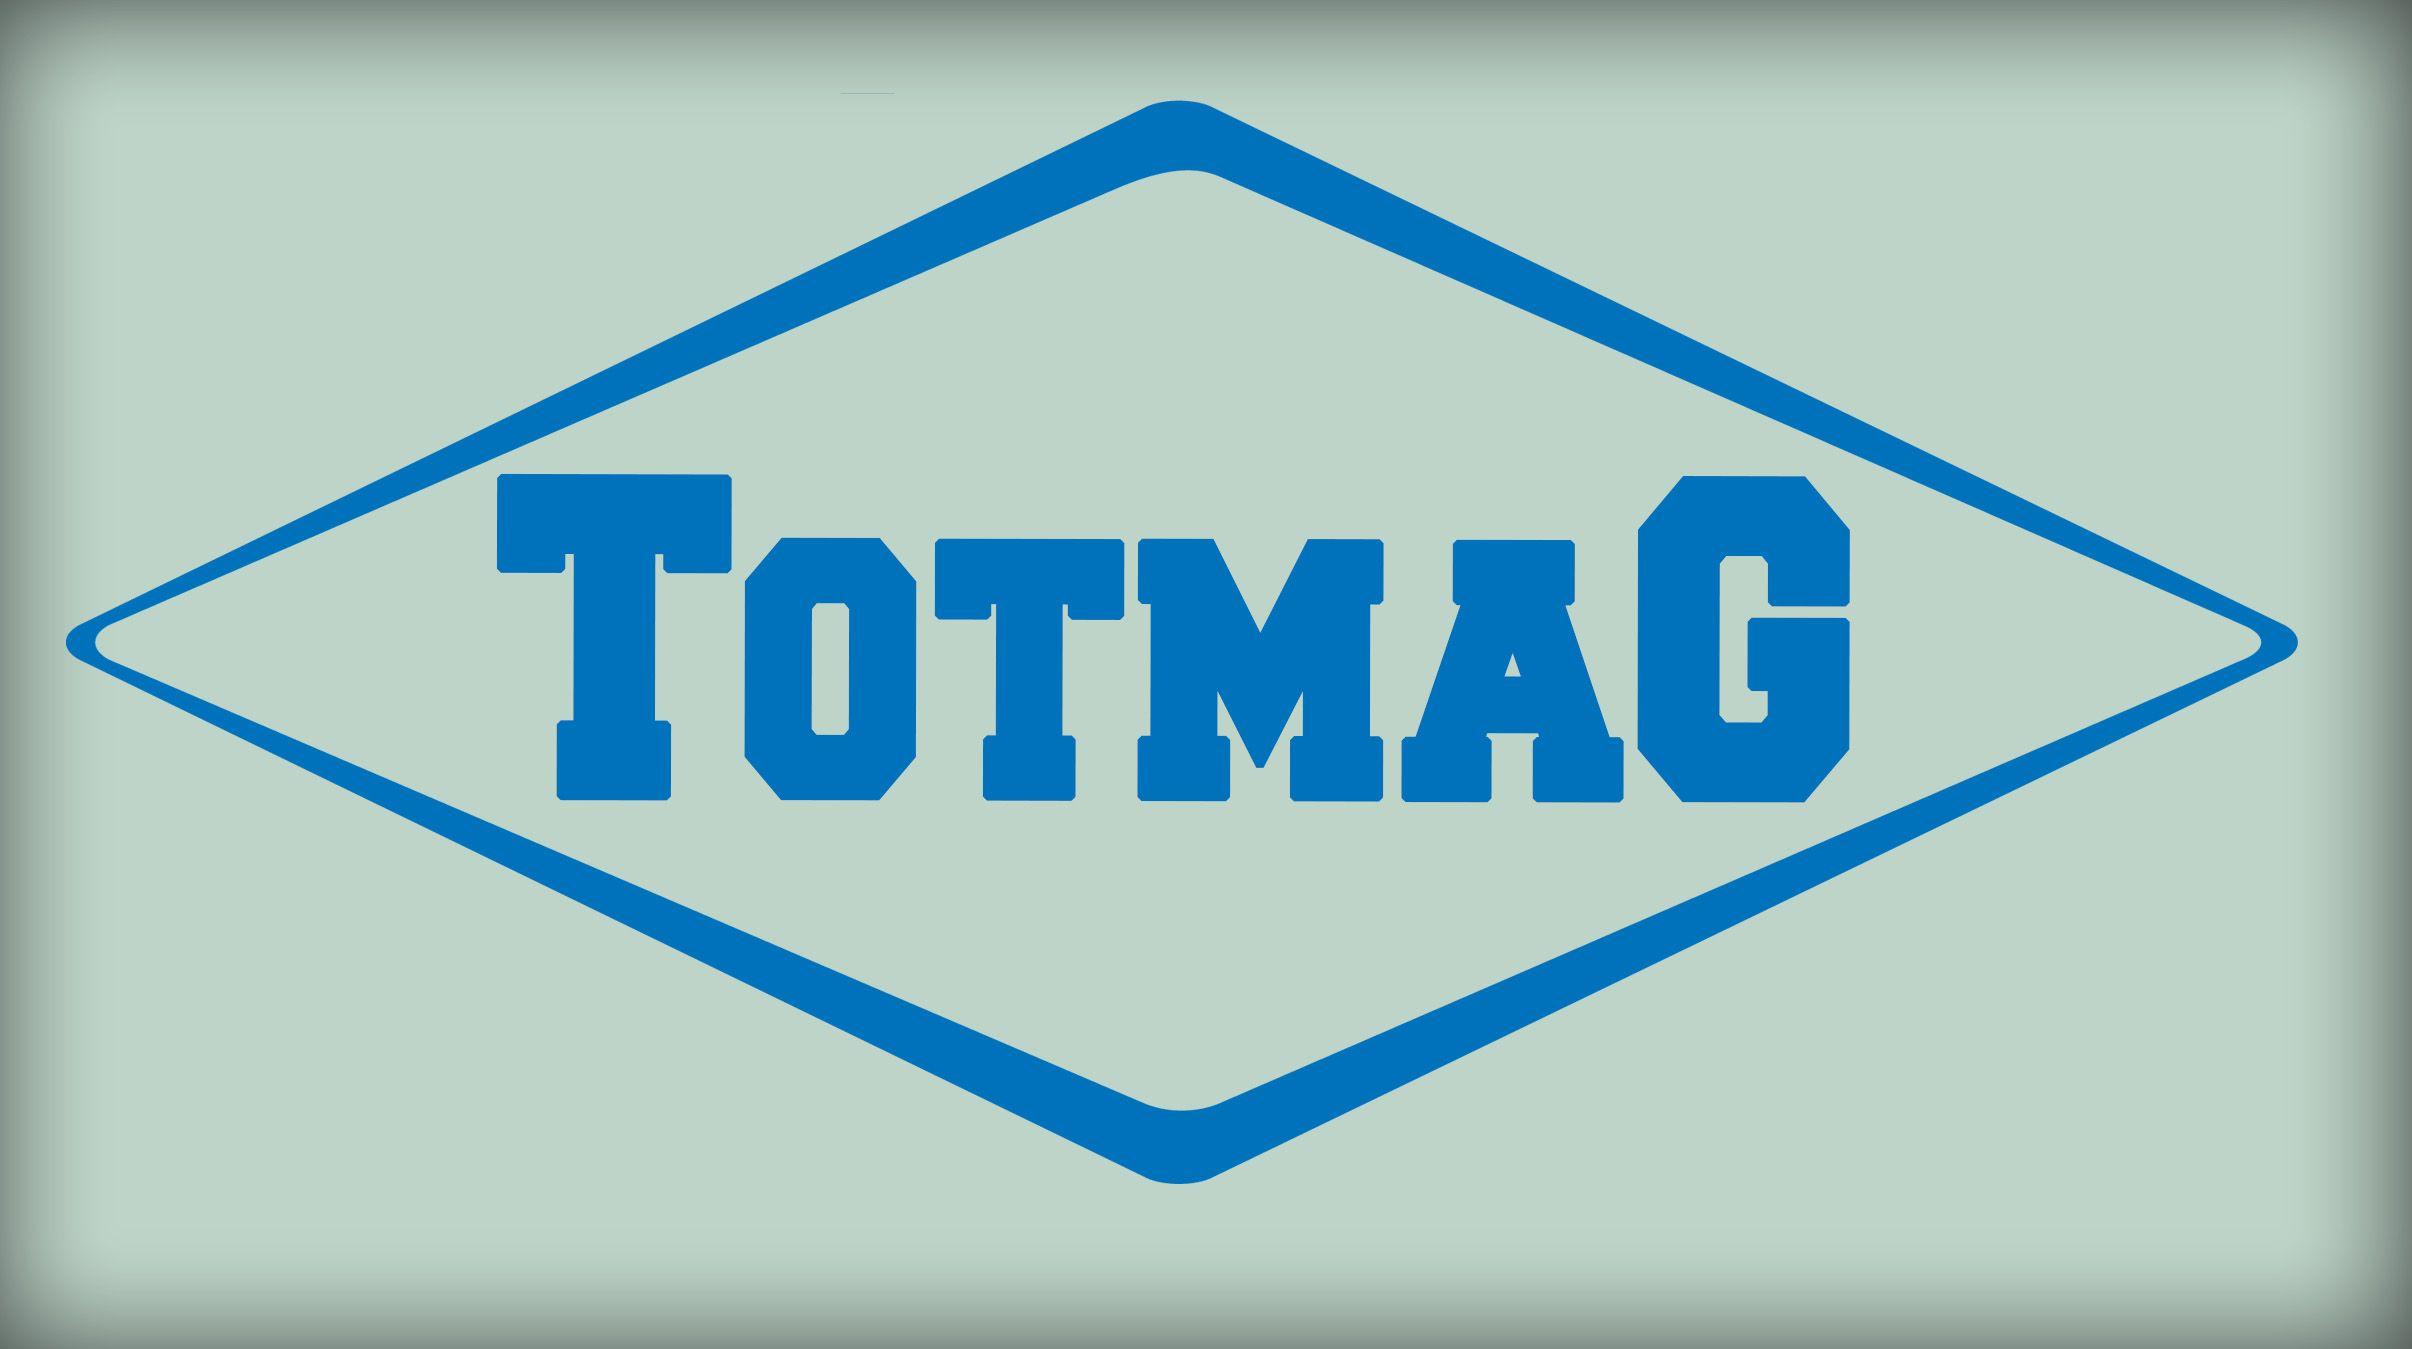 Логотип для интернет магазина totmag.ru - дизайнер dreamveer